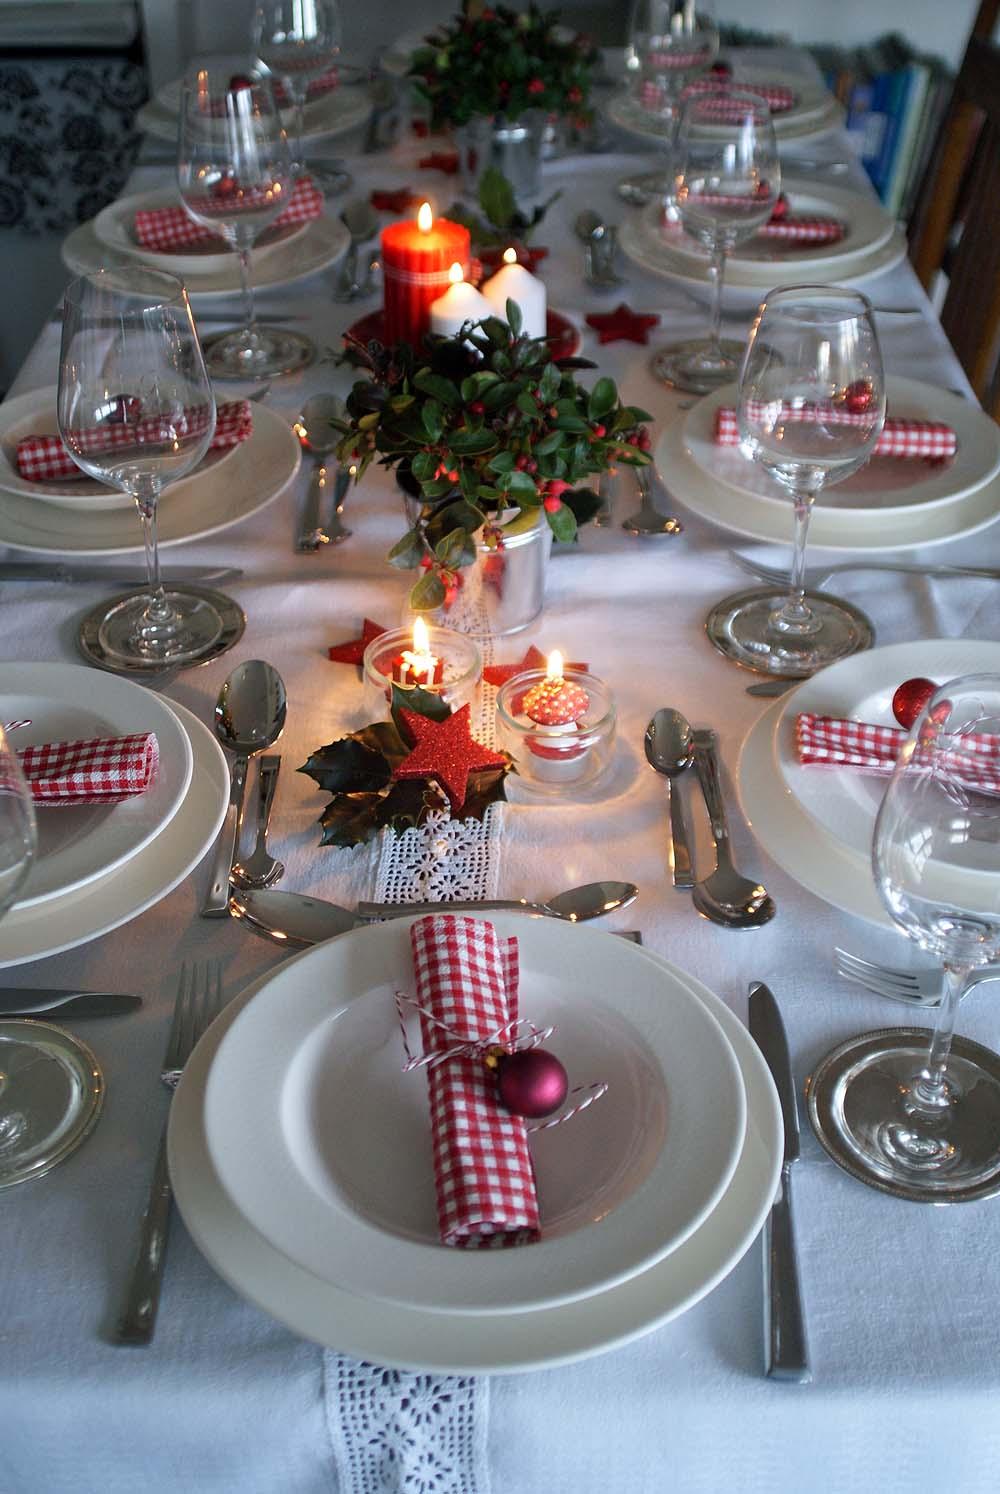 Weihnachten Seit Wann.Weihnachten Neujahr Das Brauchtum In Den Usa